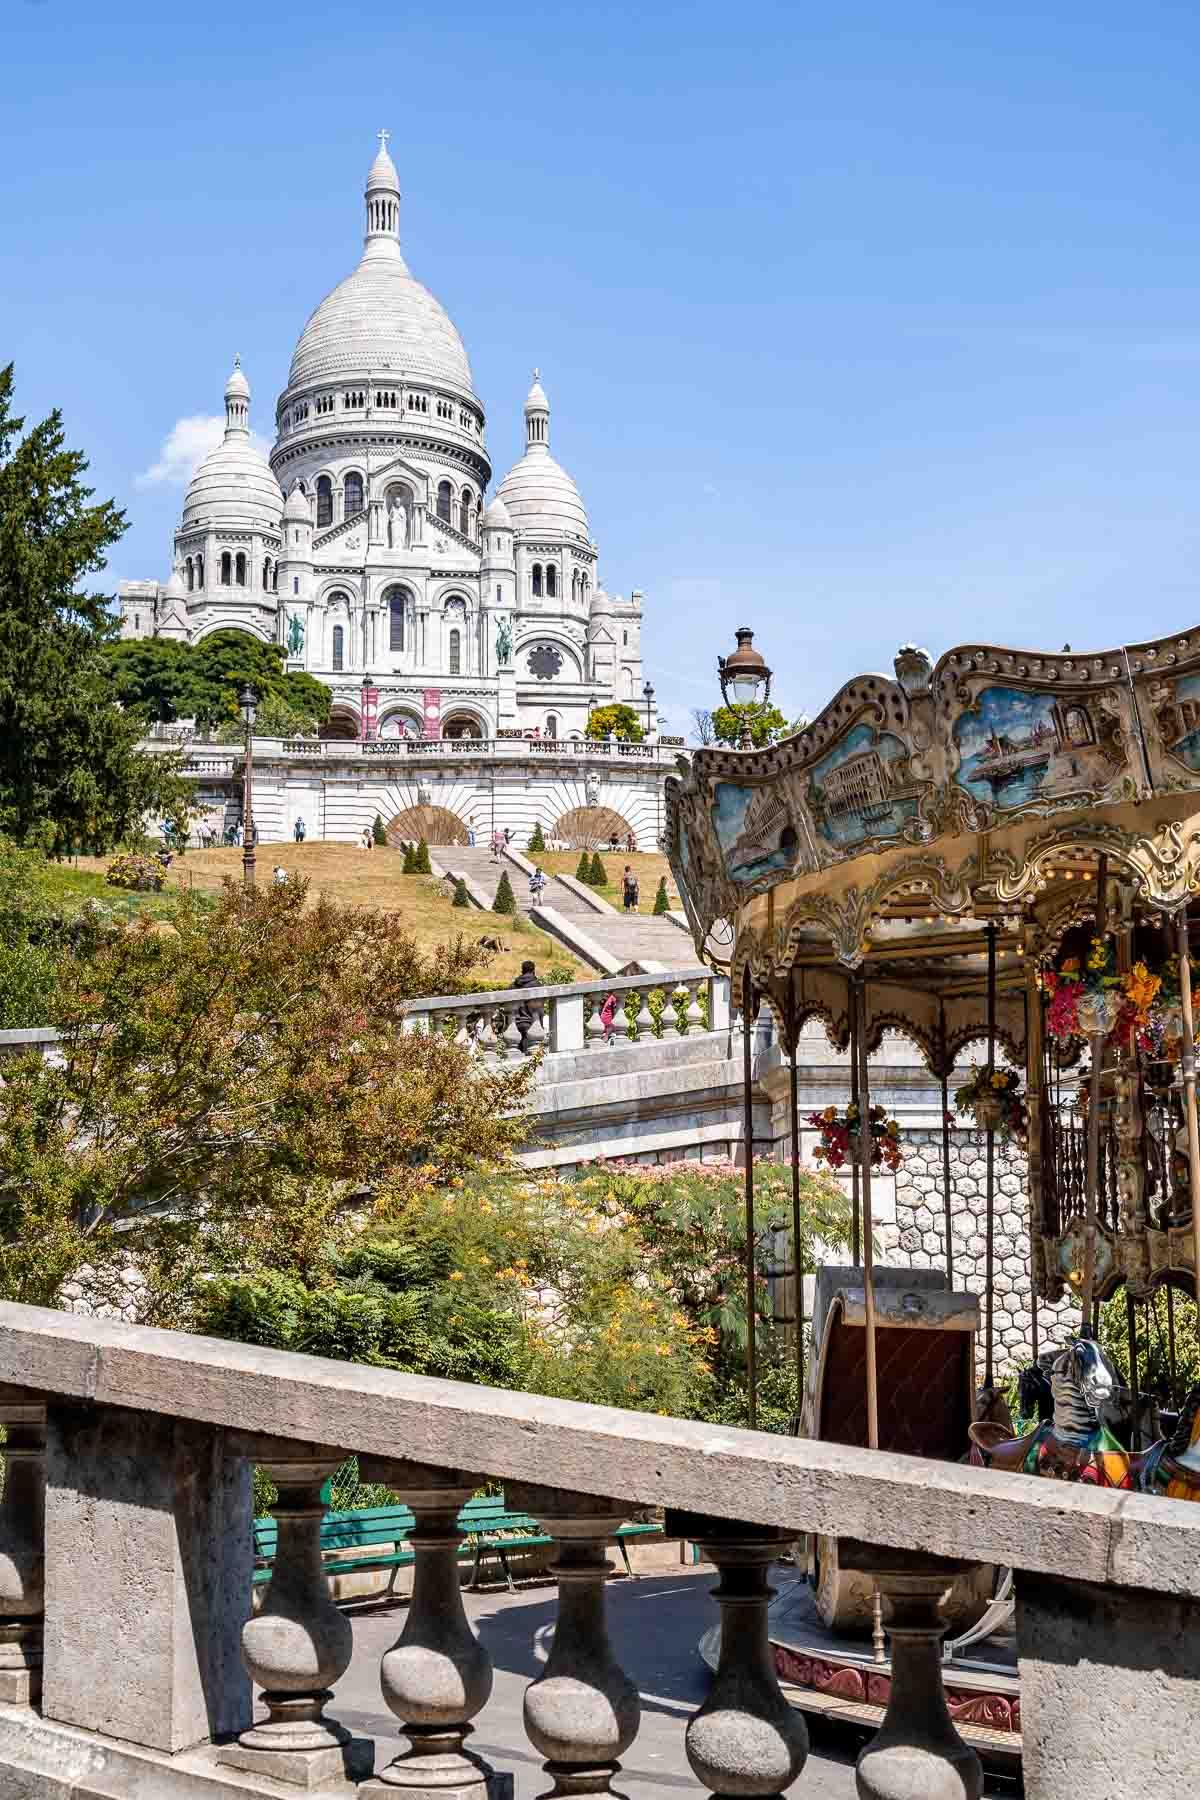 Carrousel de Saint-Pierre in Montmartre, Paris